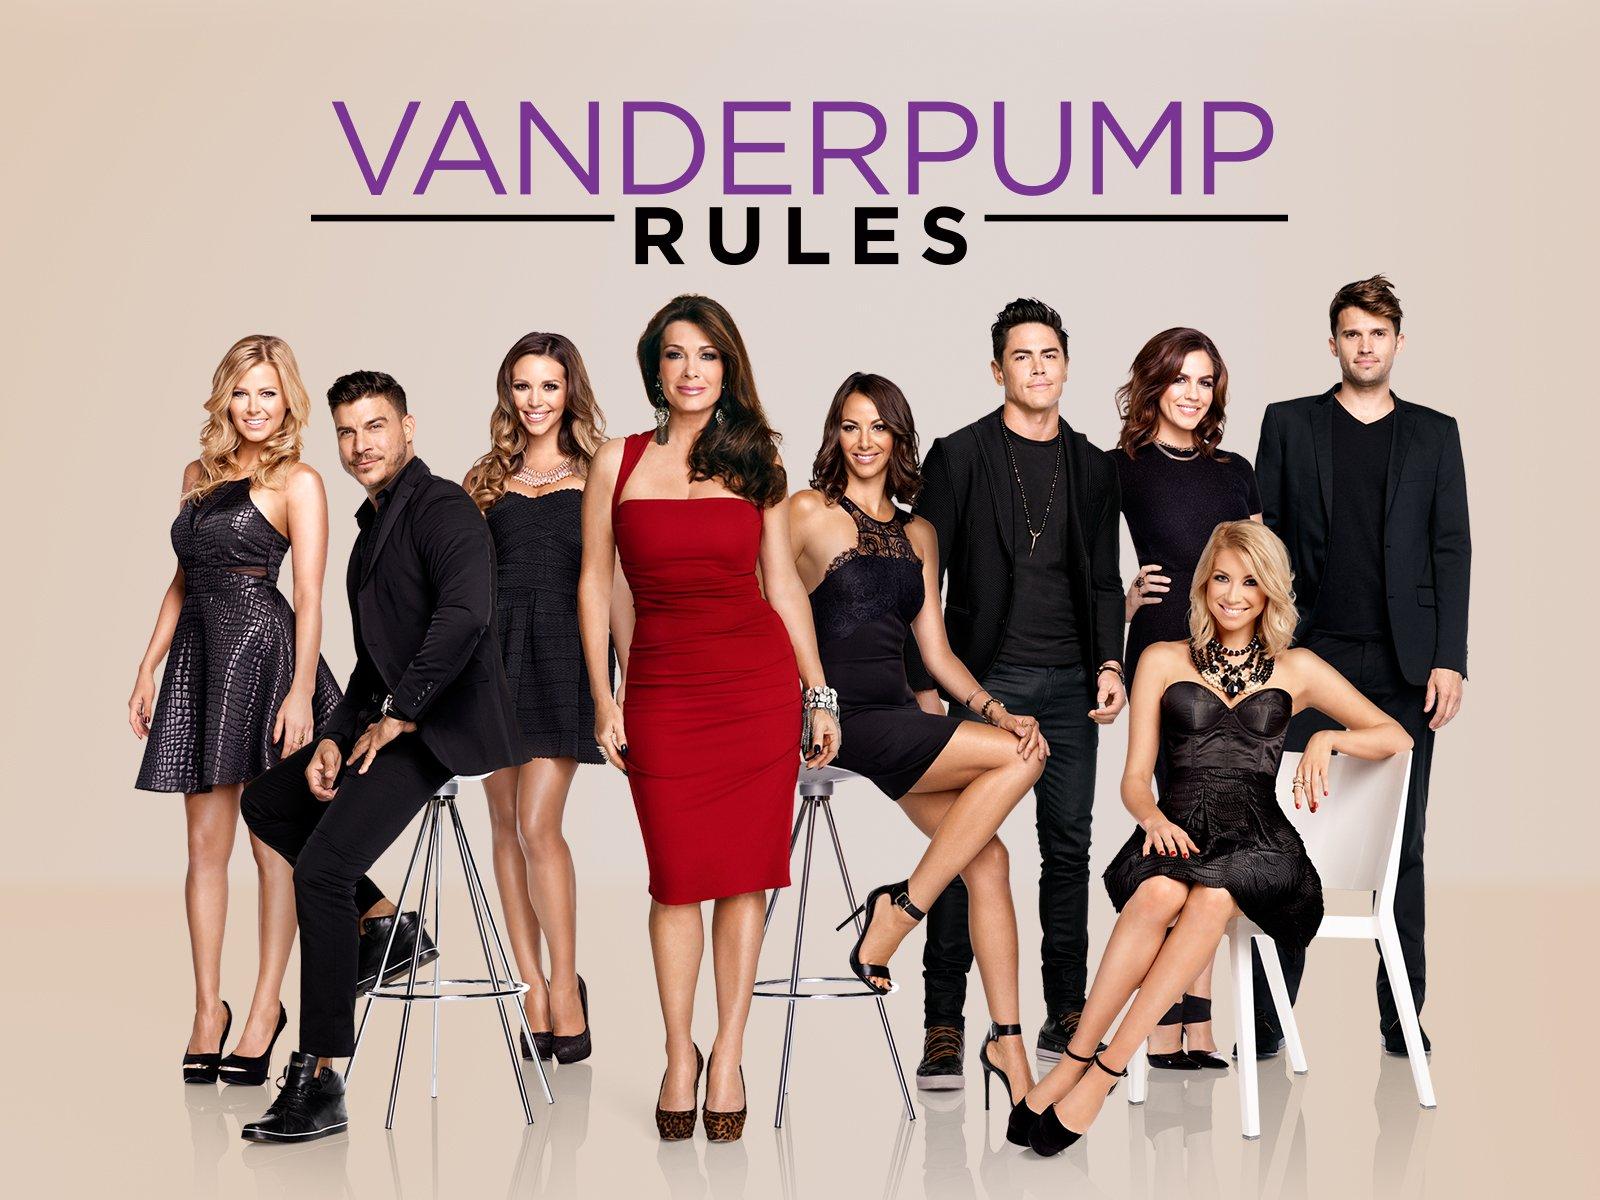 amazon com vanderpump rules season 3 lisa vanderpump jax taylor